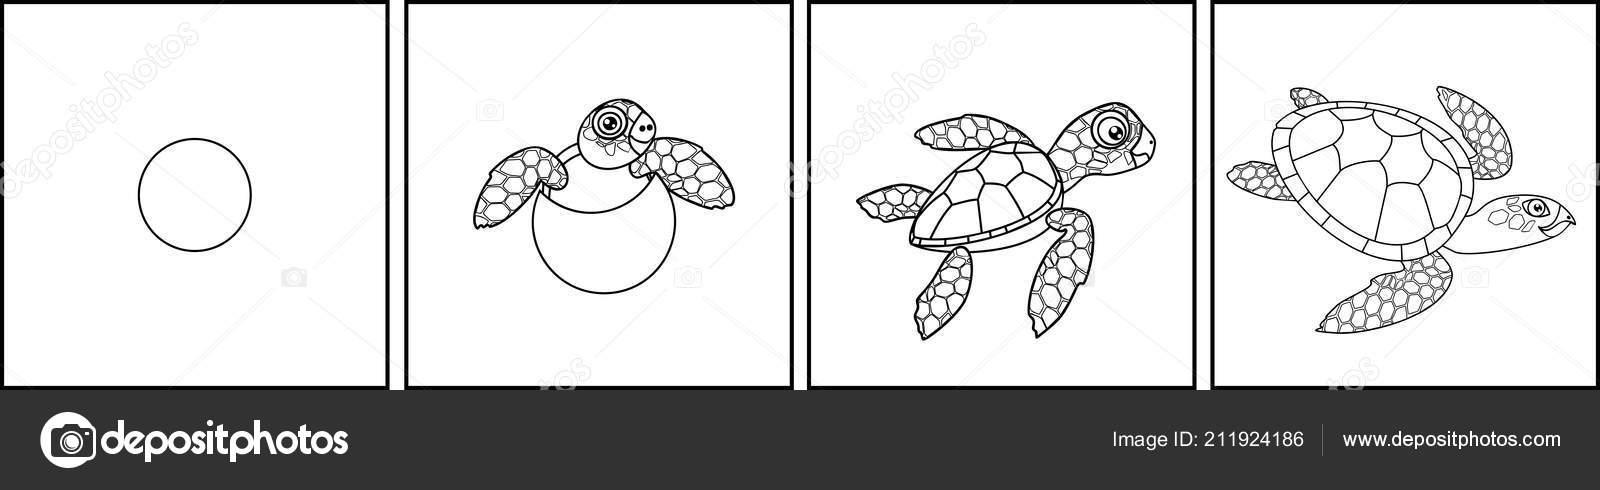 Página Para Colorear Ciclo Vida Las Tortugas Marinas — Vector de ...